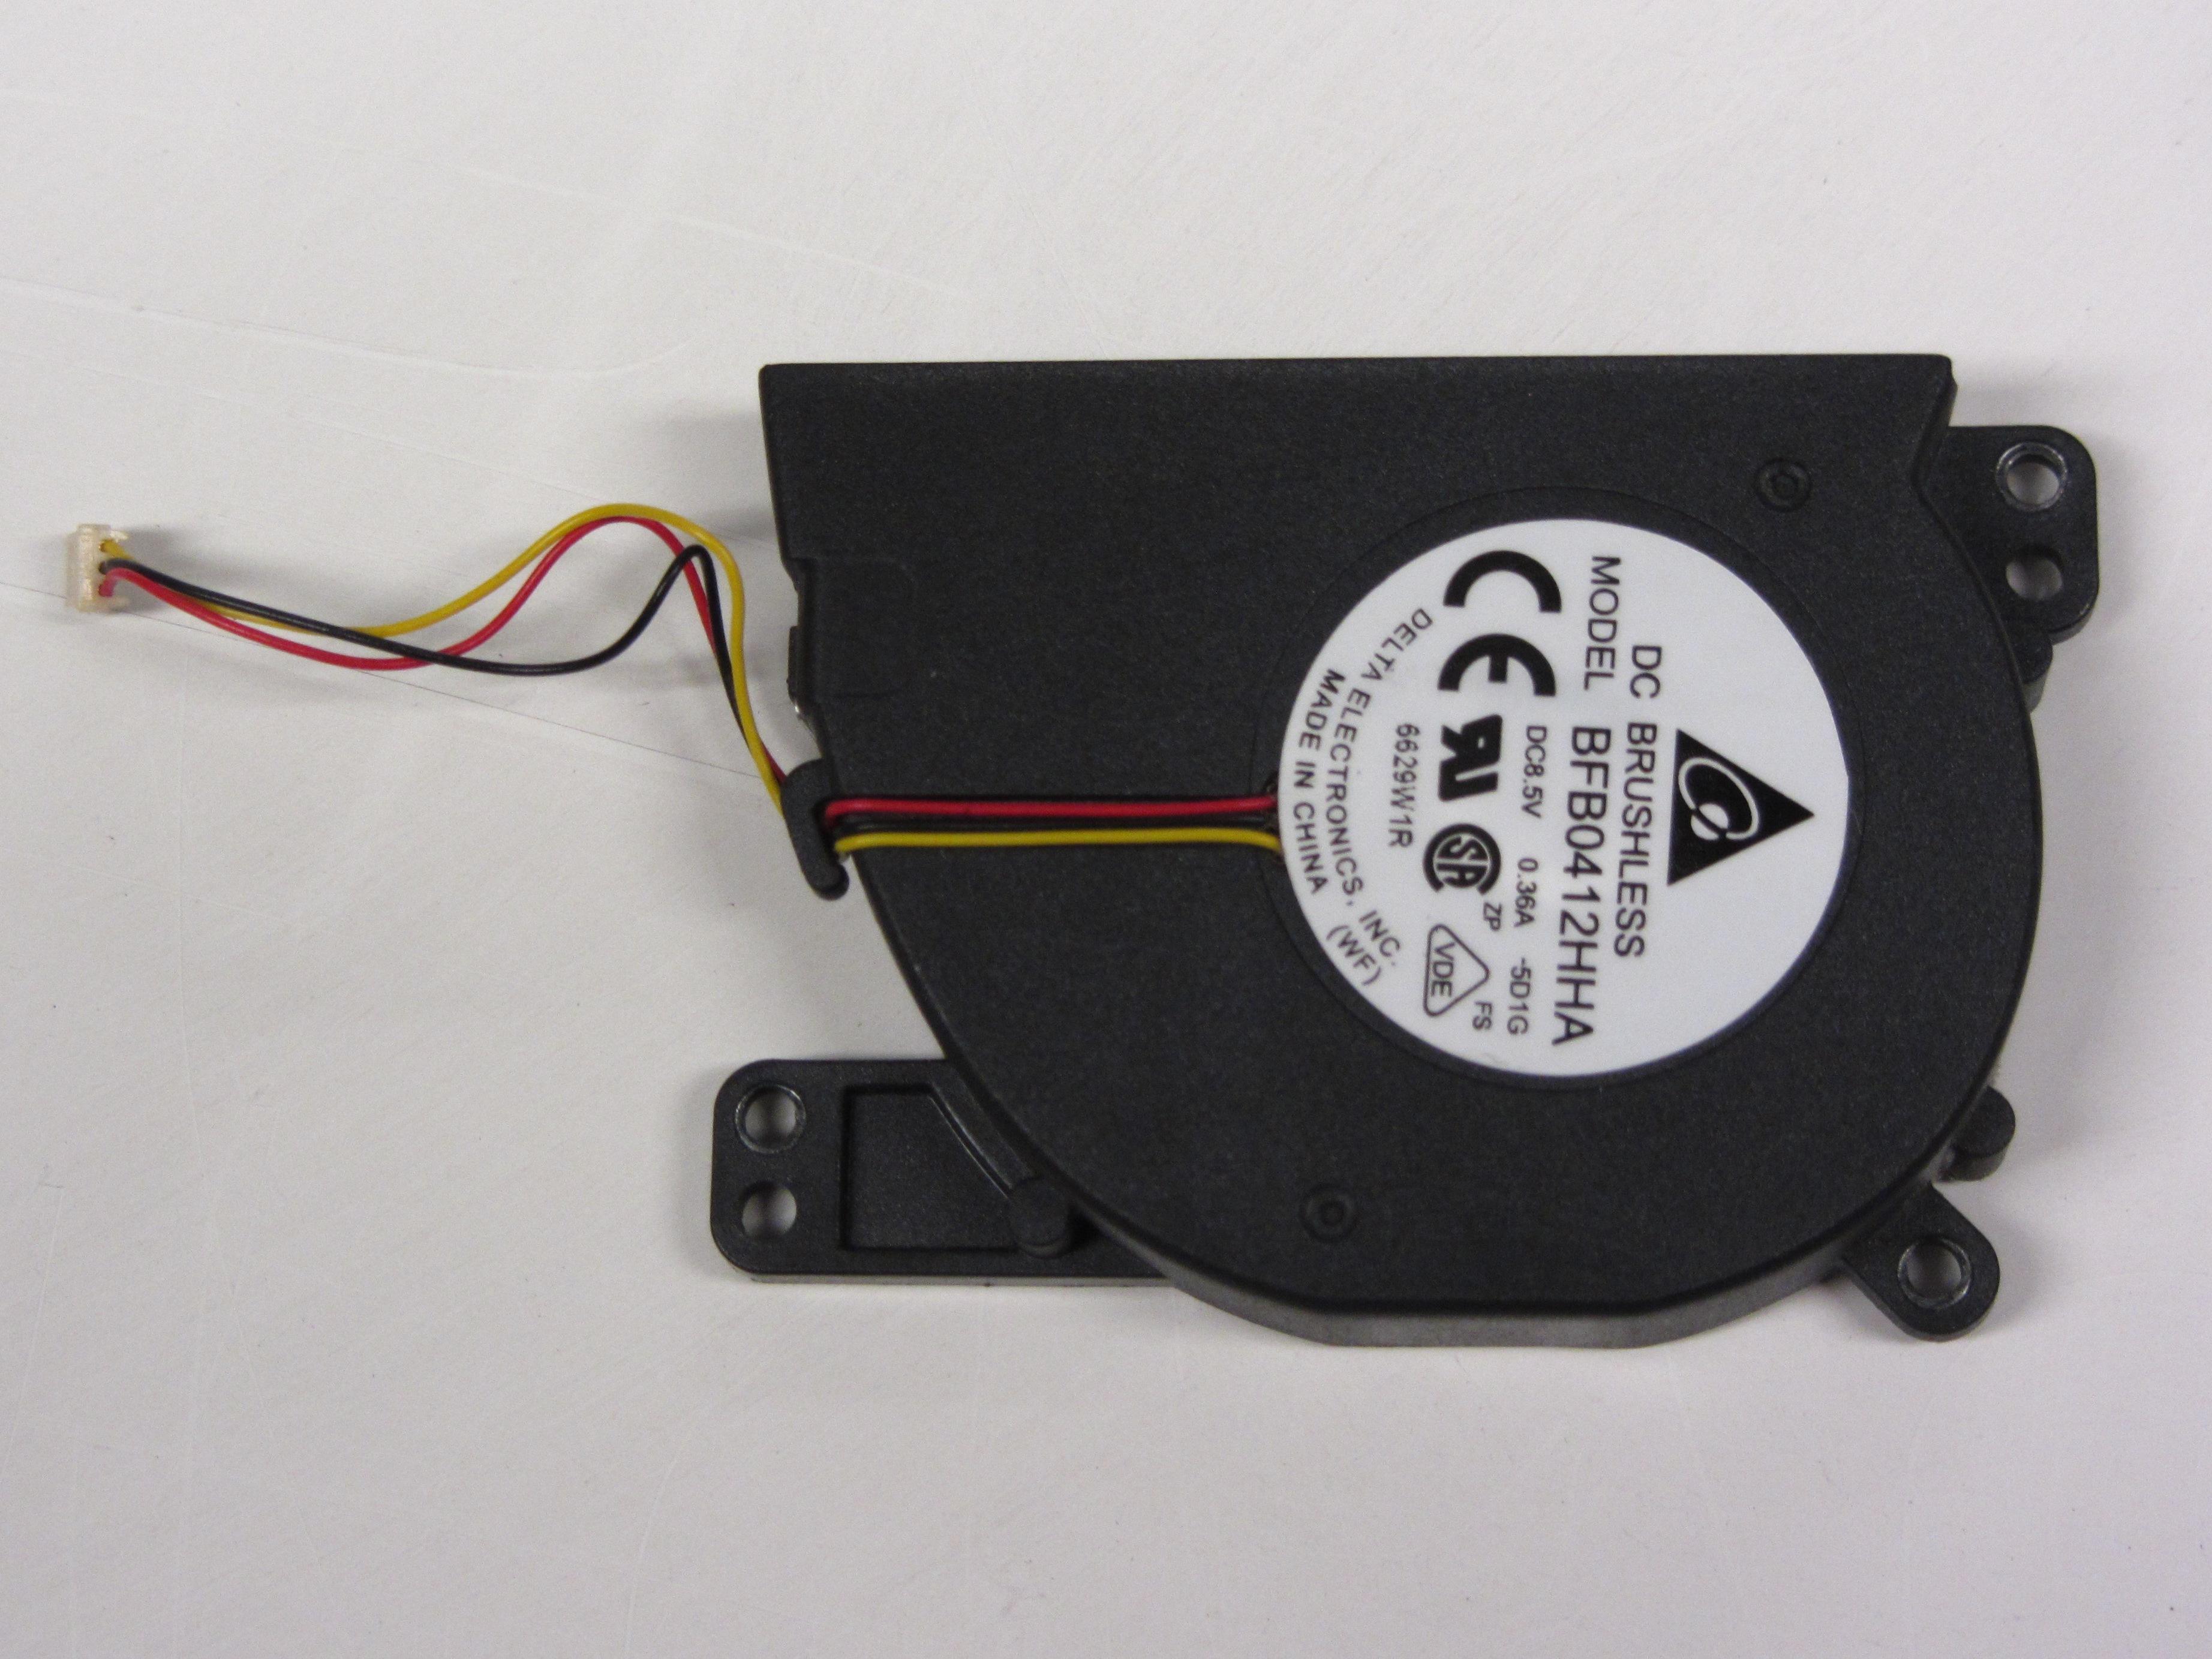 Playstation 2 Slimline Scph 7xxxx Ifixit Ps2 Slim Power Wire Diagram Fan